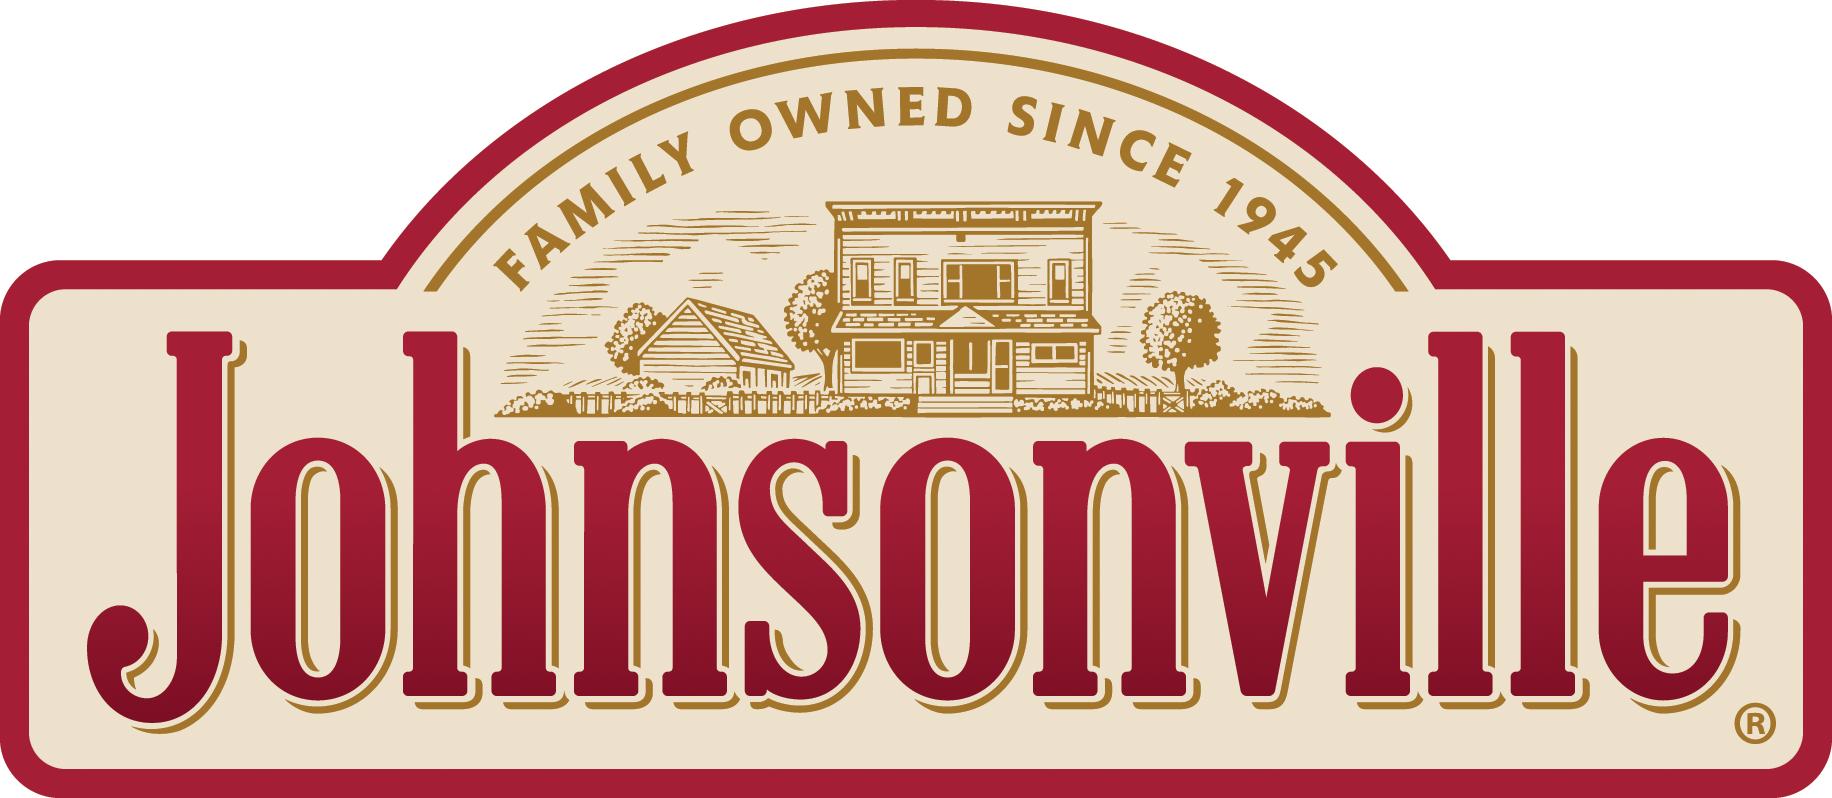 johnsonville-logo-master-spot.png